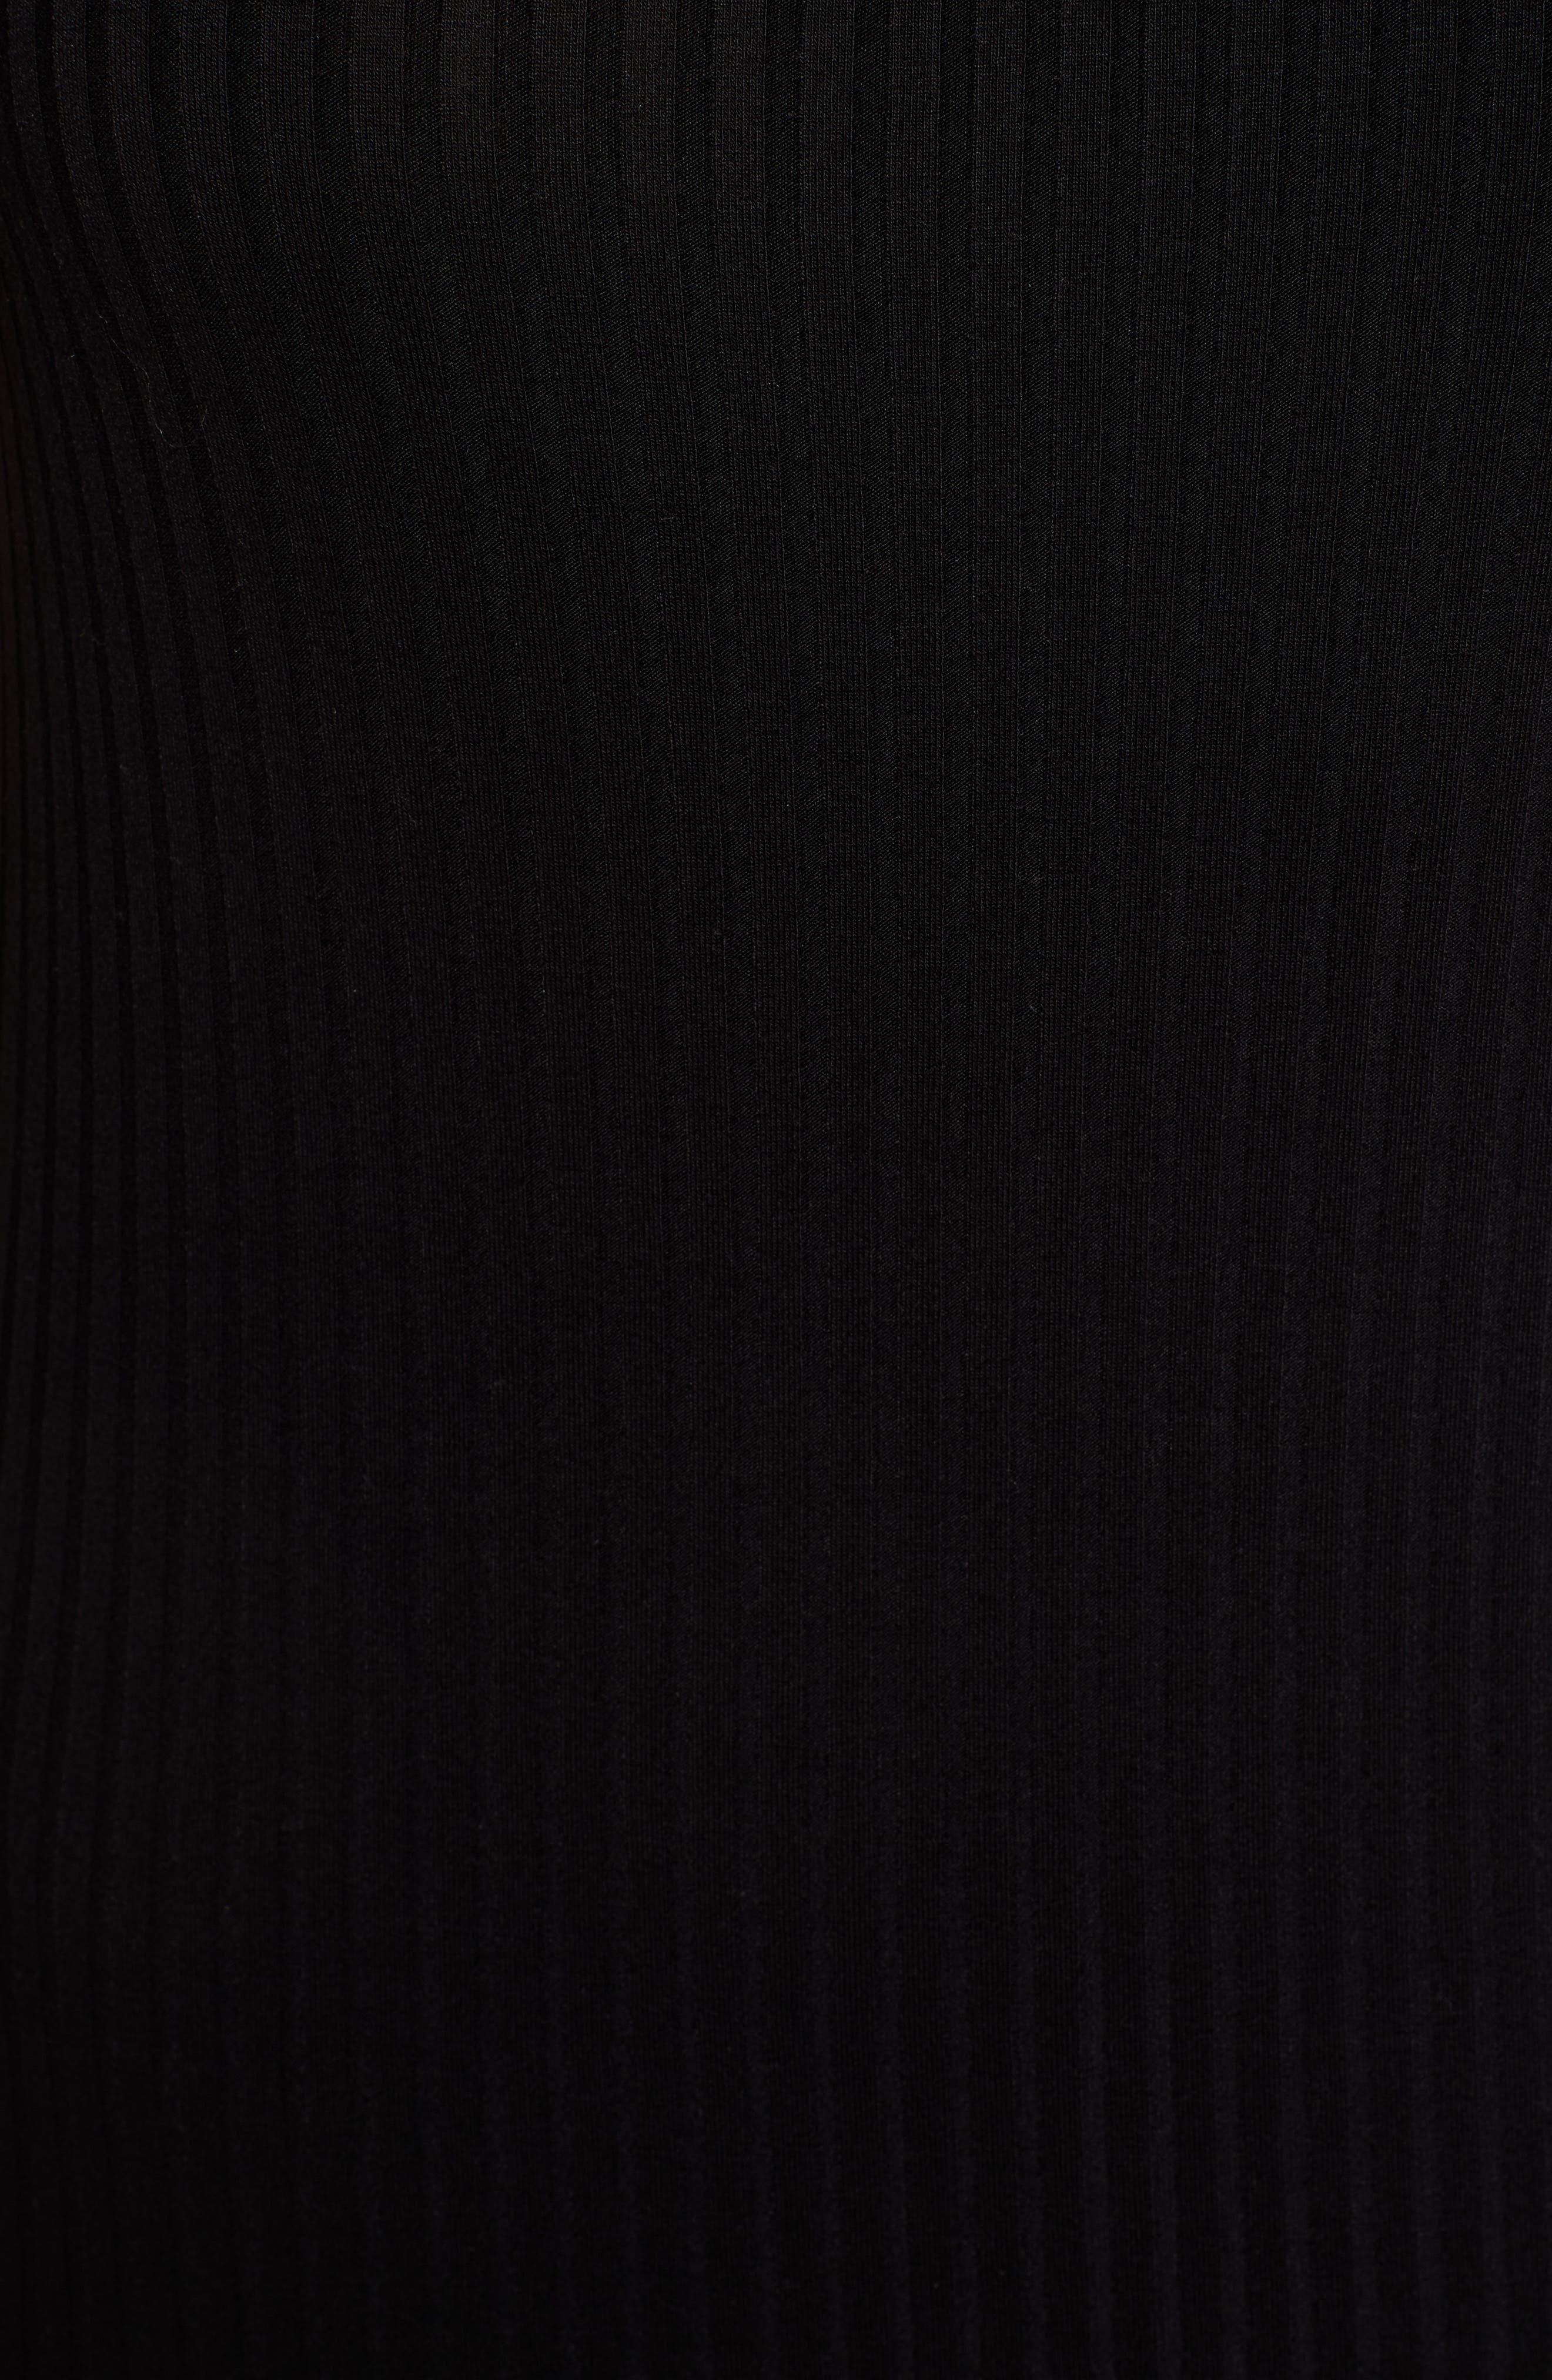 Side Stripe Rib Knit Dress,                             Alternate thumbnail 6, color,                             001